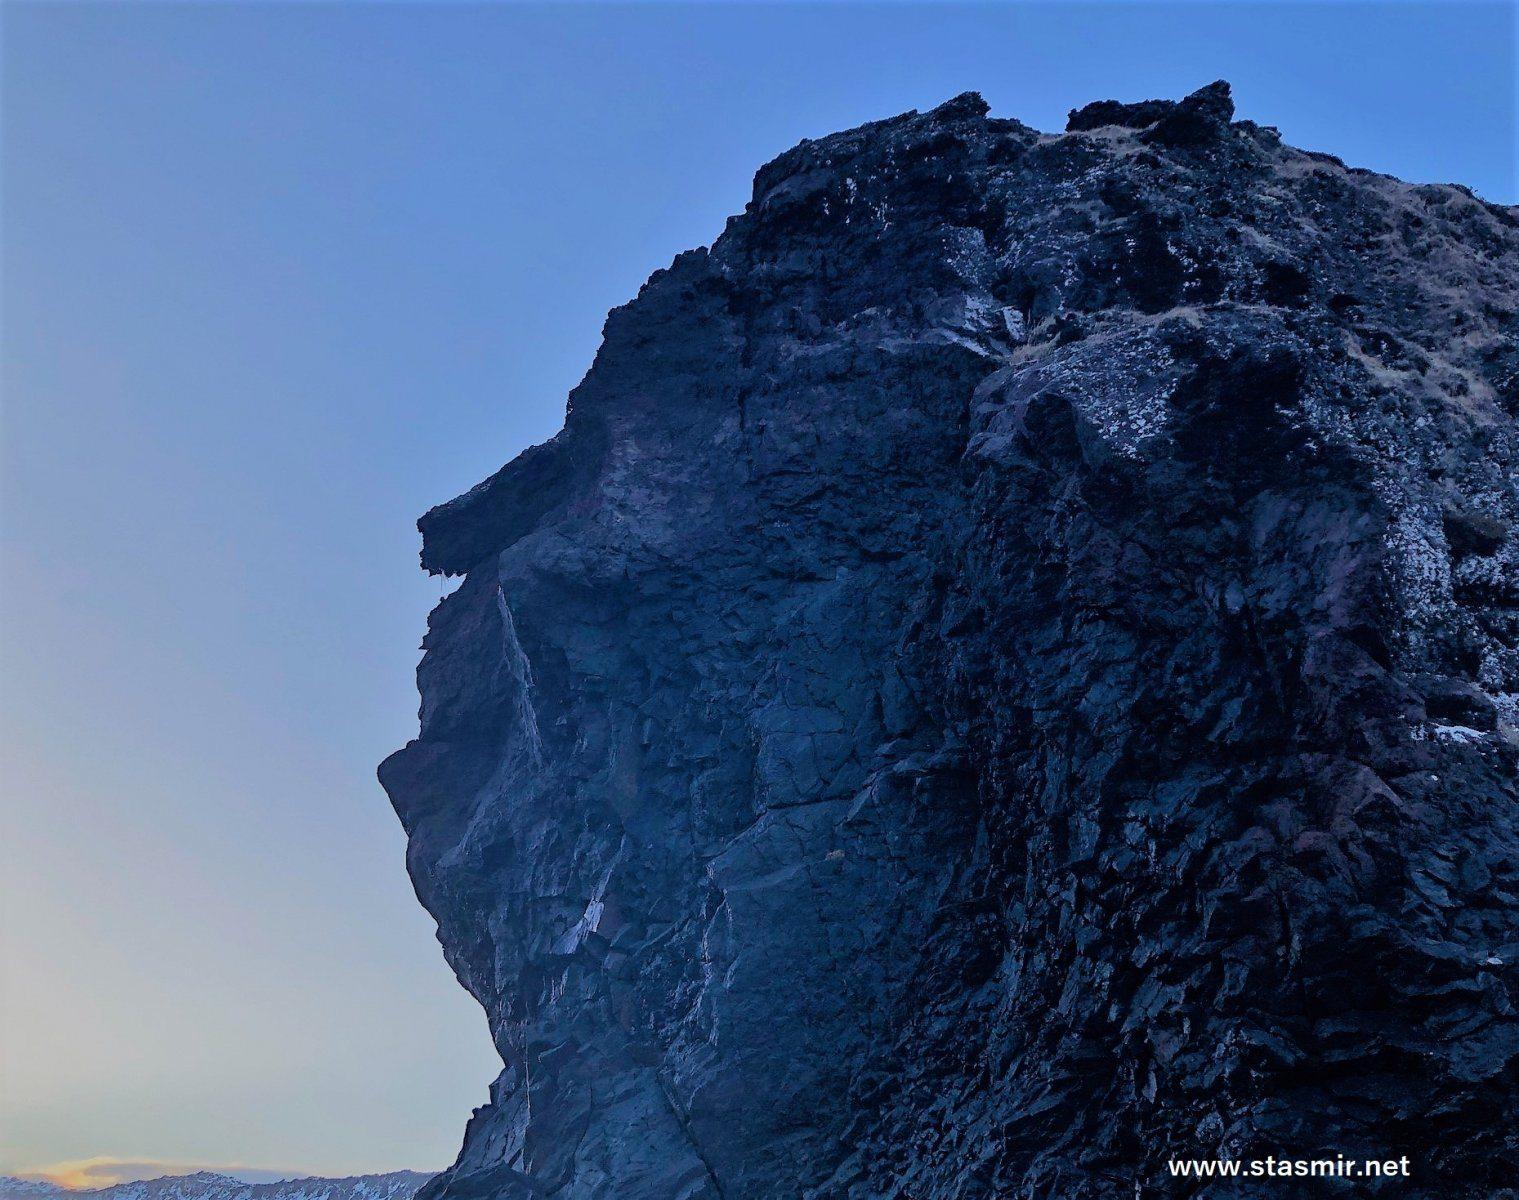 shining: Екатерина 2 в скалах в Исландии, фото Стасмир, photo Stasmir